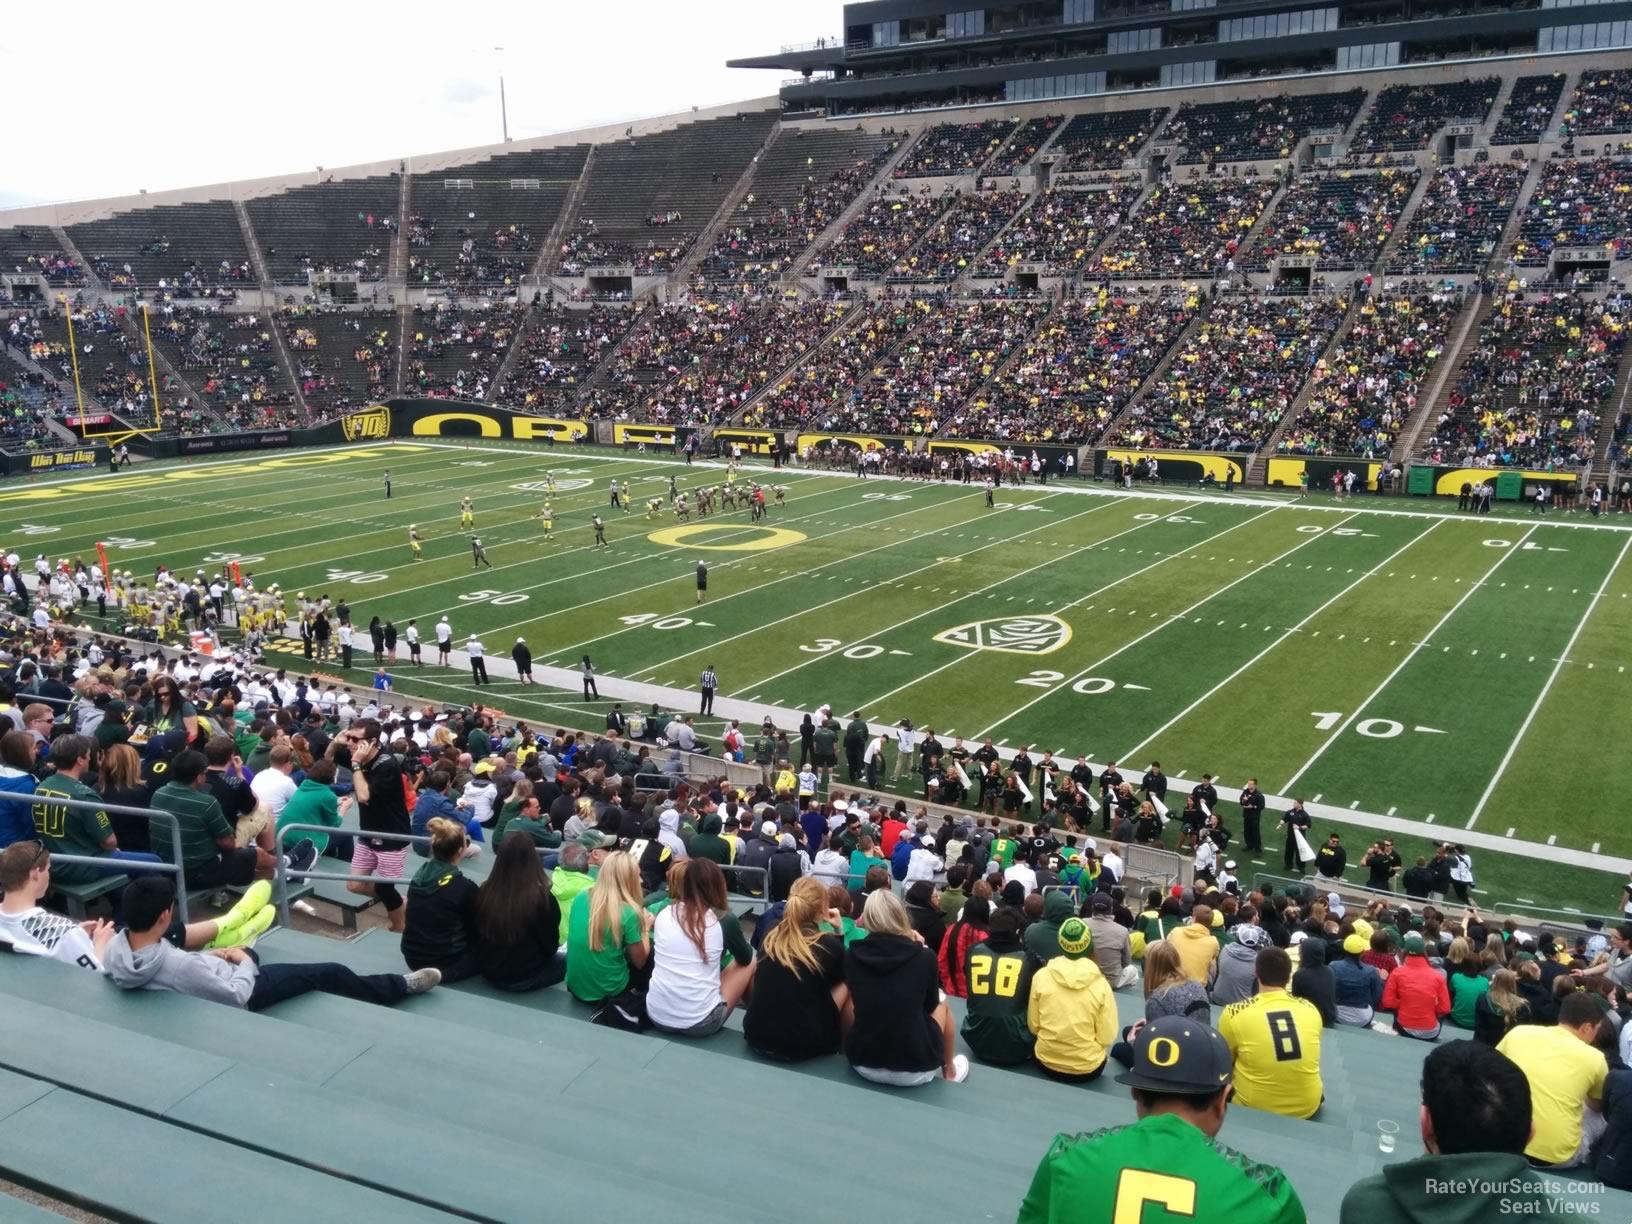 Autzen Stadium Section 8 - Oregon Football - RateYourSeats.com